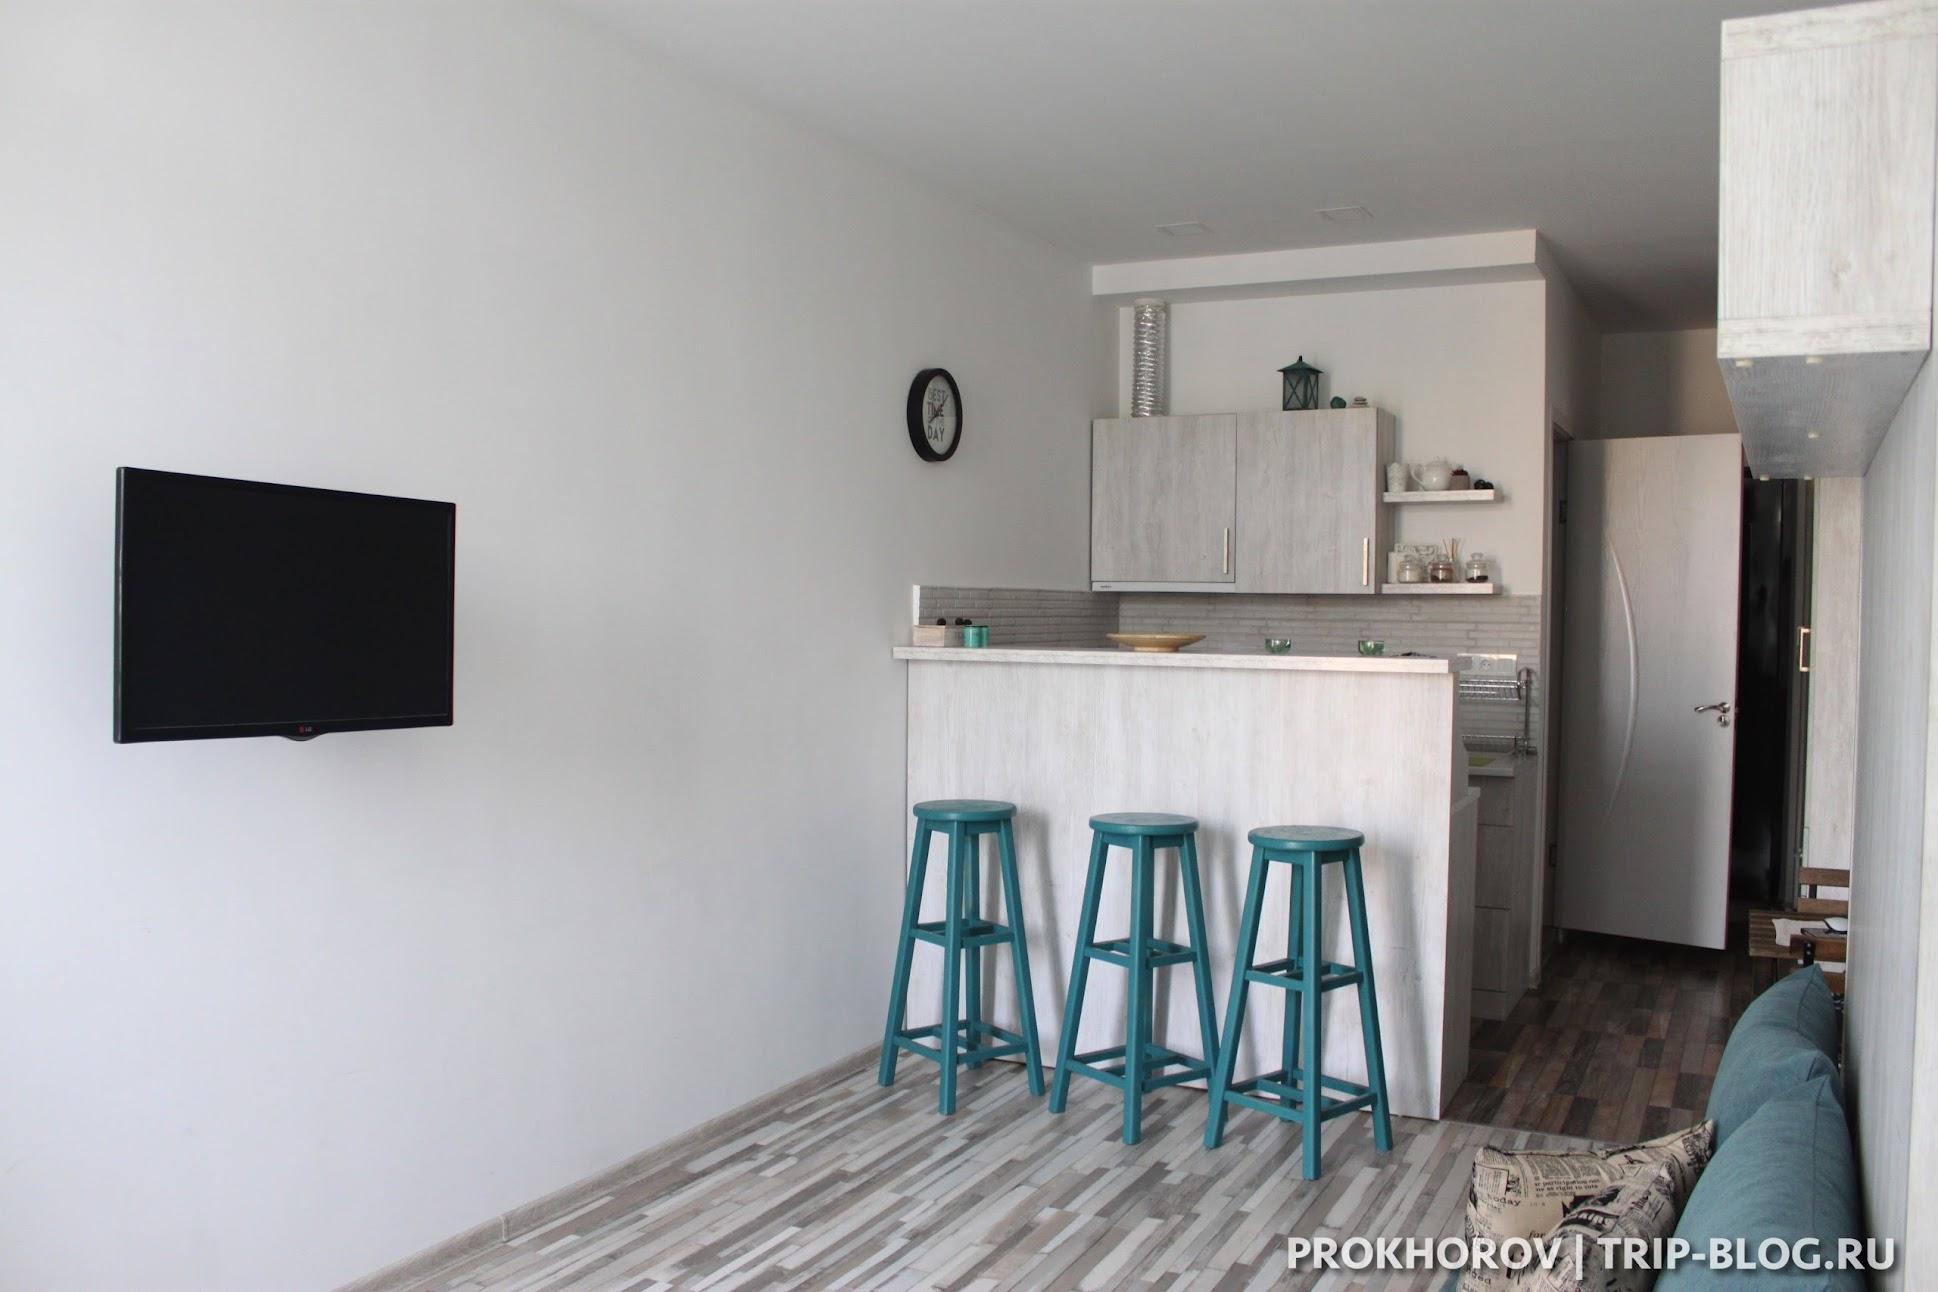 Снять квартиру в Батуми - какие планировки